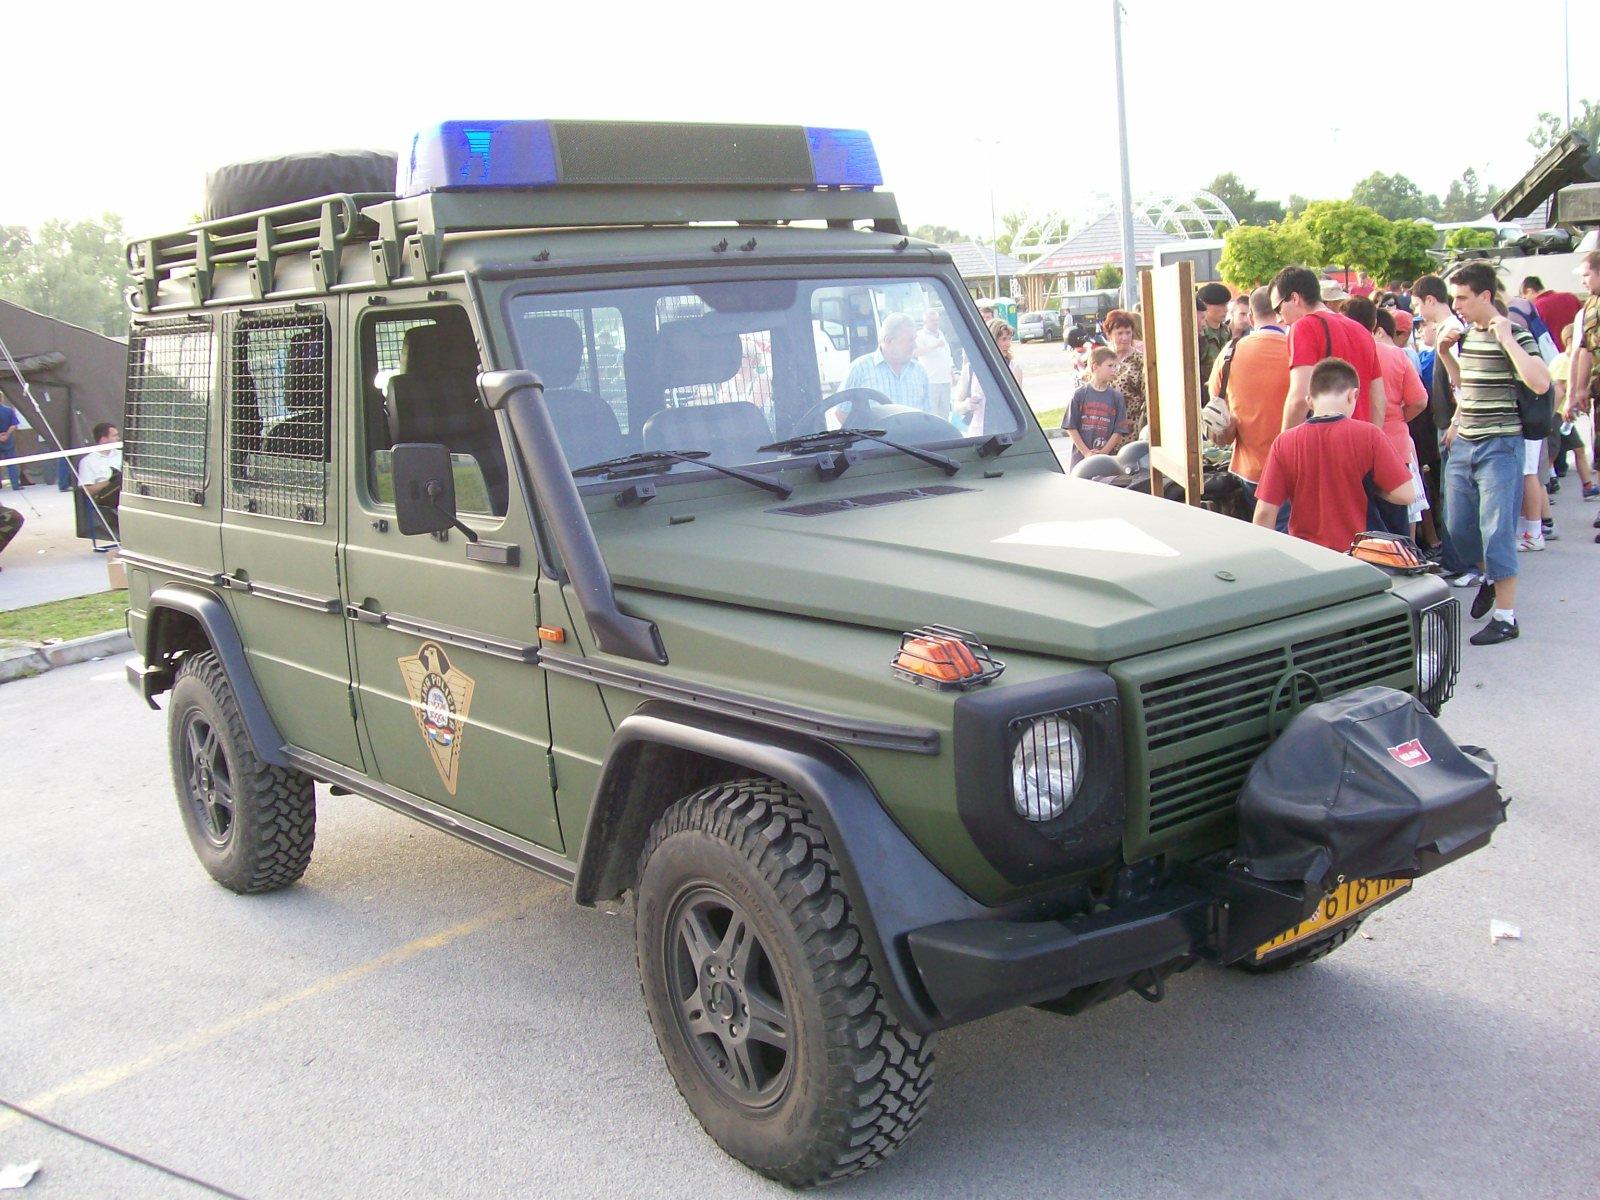 File Vozilo Vojne Policije Puch Jpg Wikimedia Commons